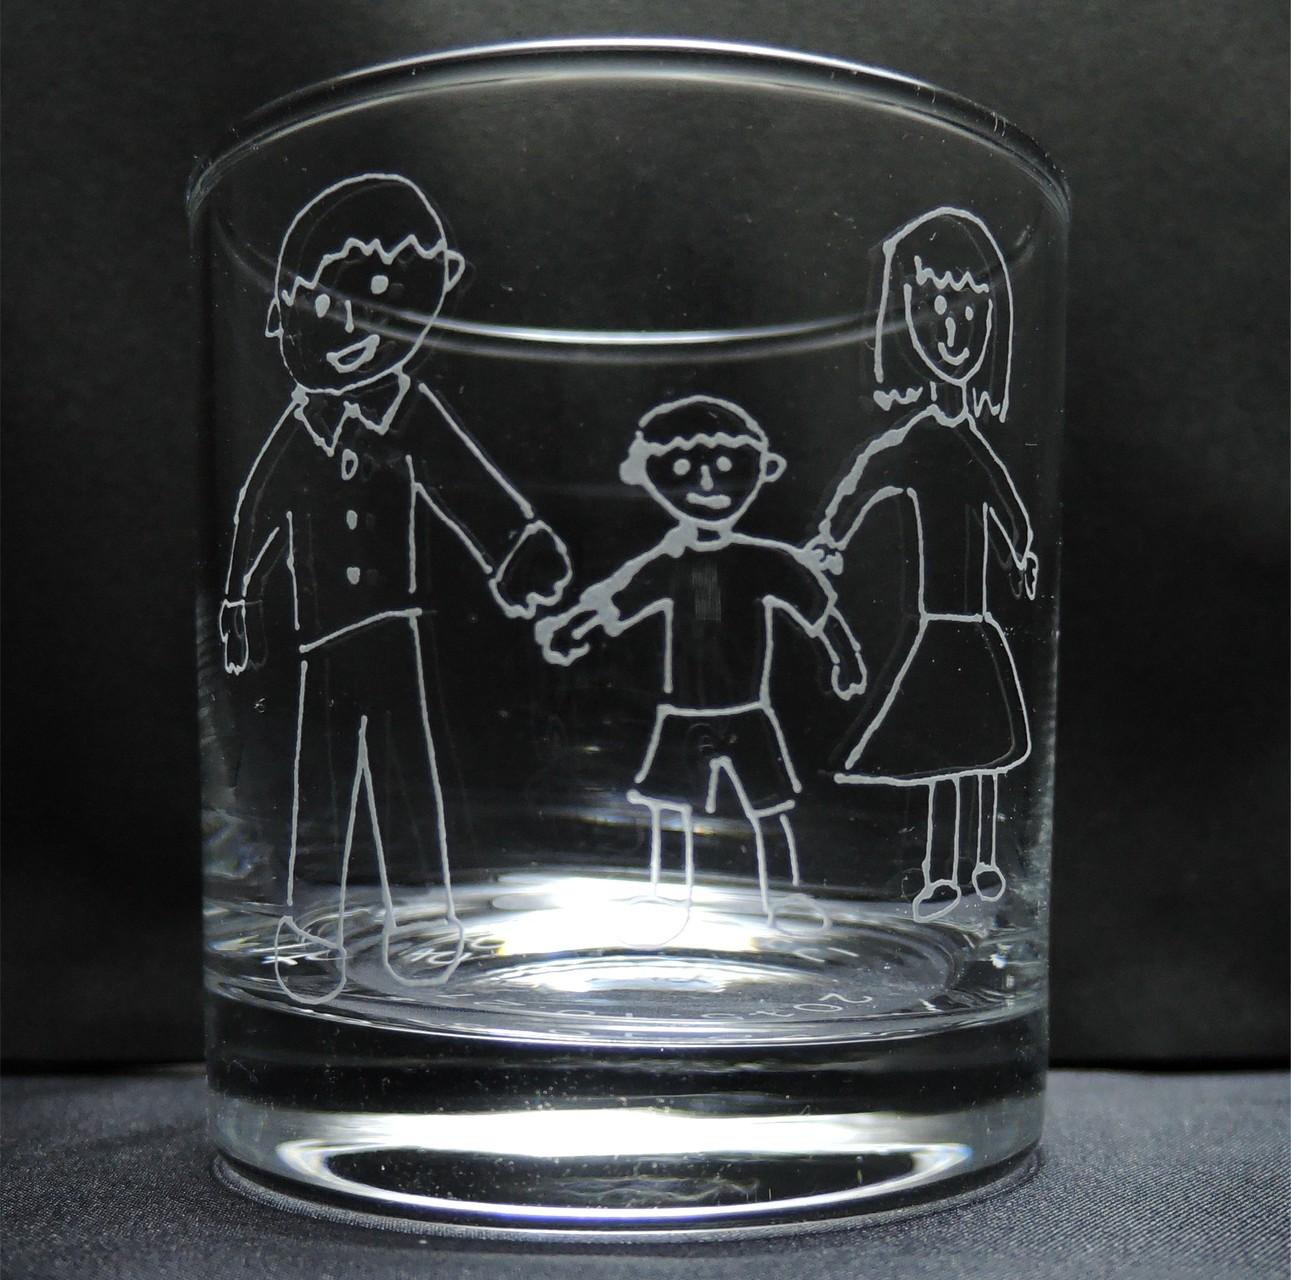 お客様による手描きデザインを彫刻したグラス